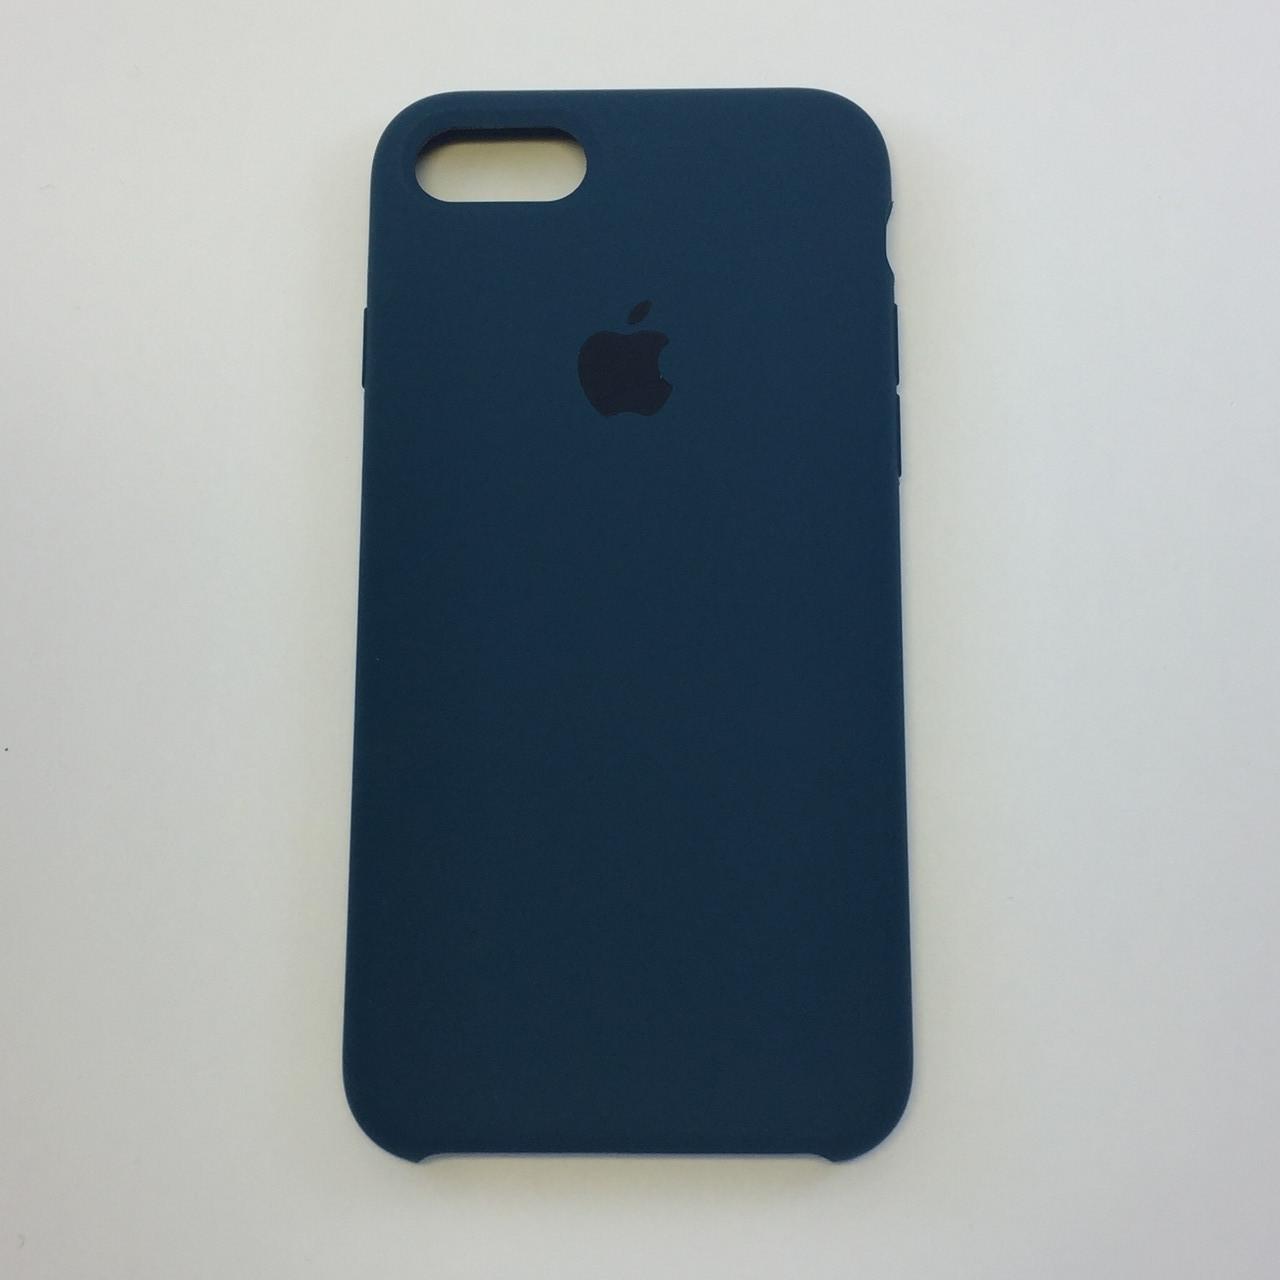 Силиконовый чехол iPhone 7 Plus / 8 Plus, мистический, copy original